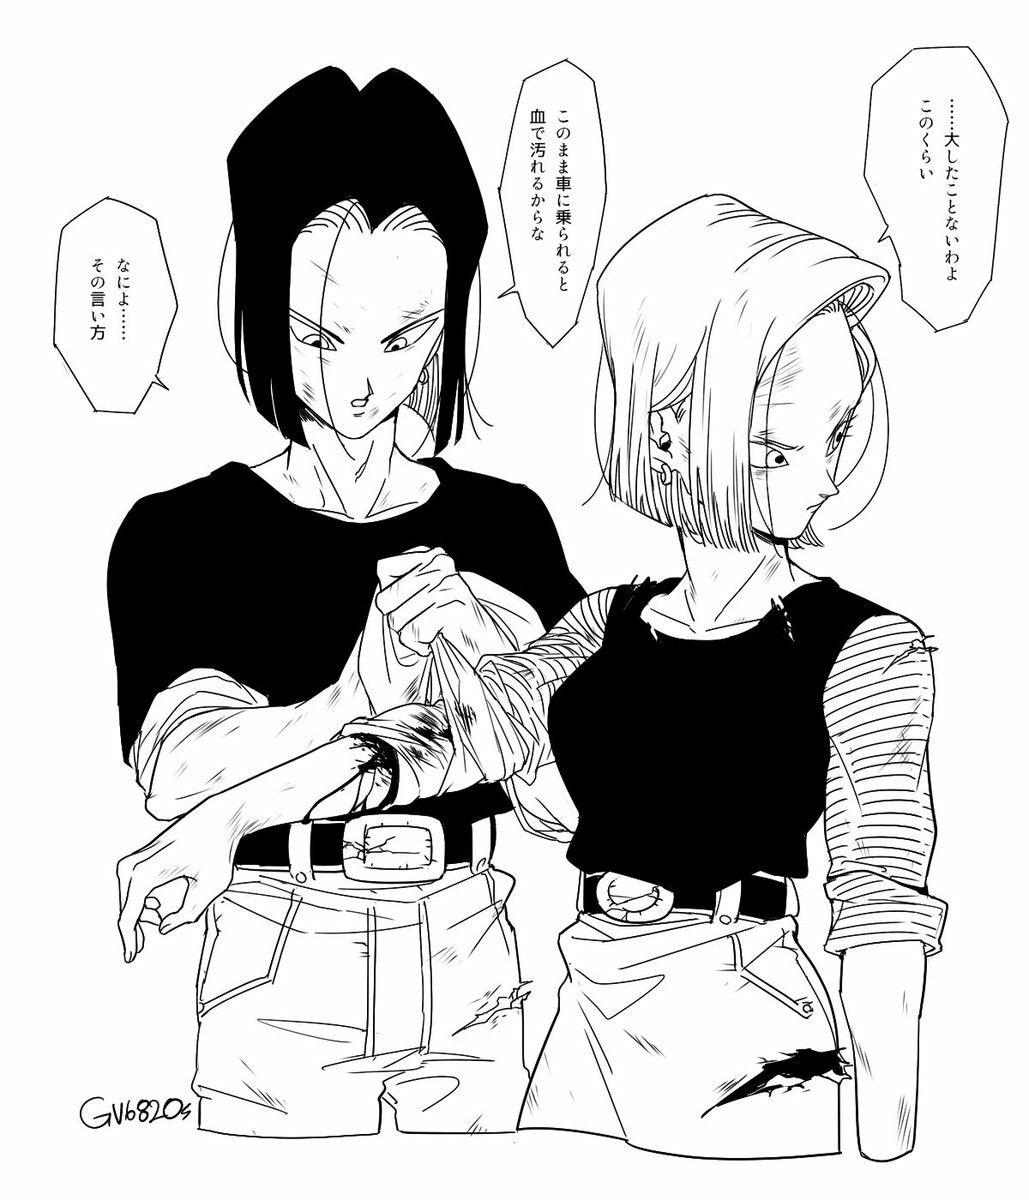 android 17 and 18 イラスト キャラクタースケッチ ドラゴンボール イラスト